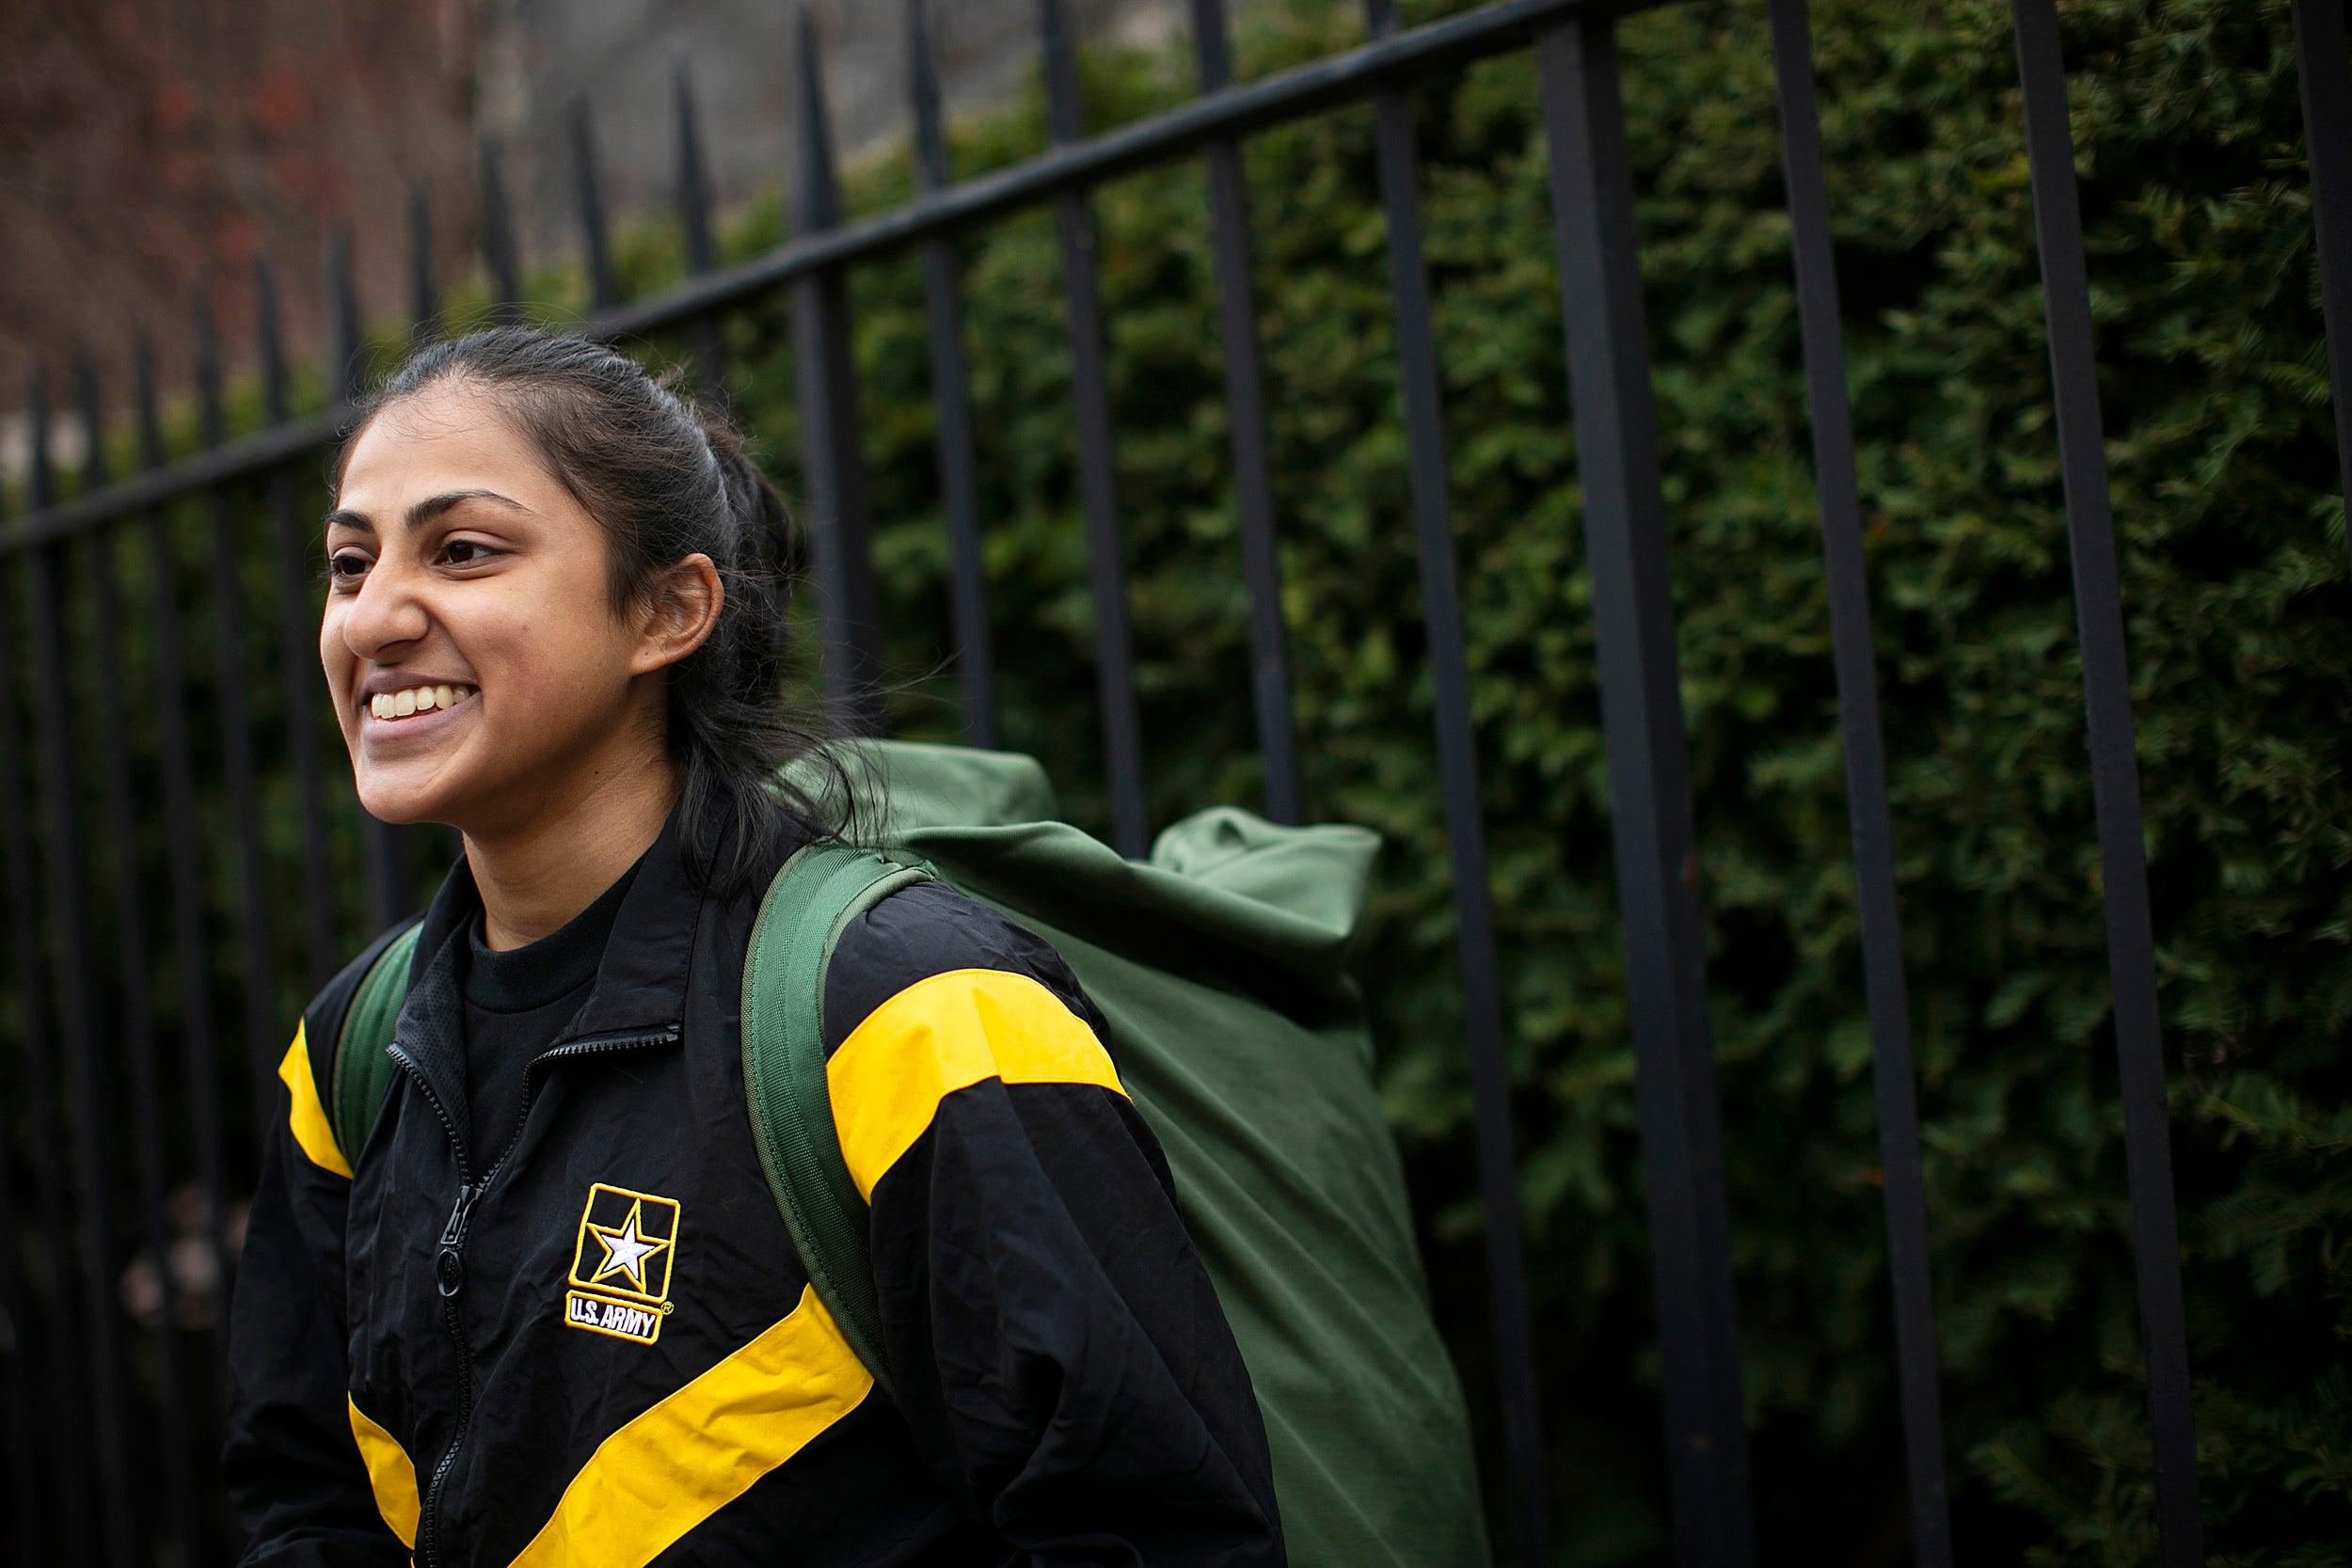 Gayatri Balasubramanian '21 with a backpack.